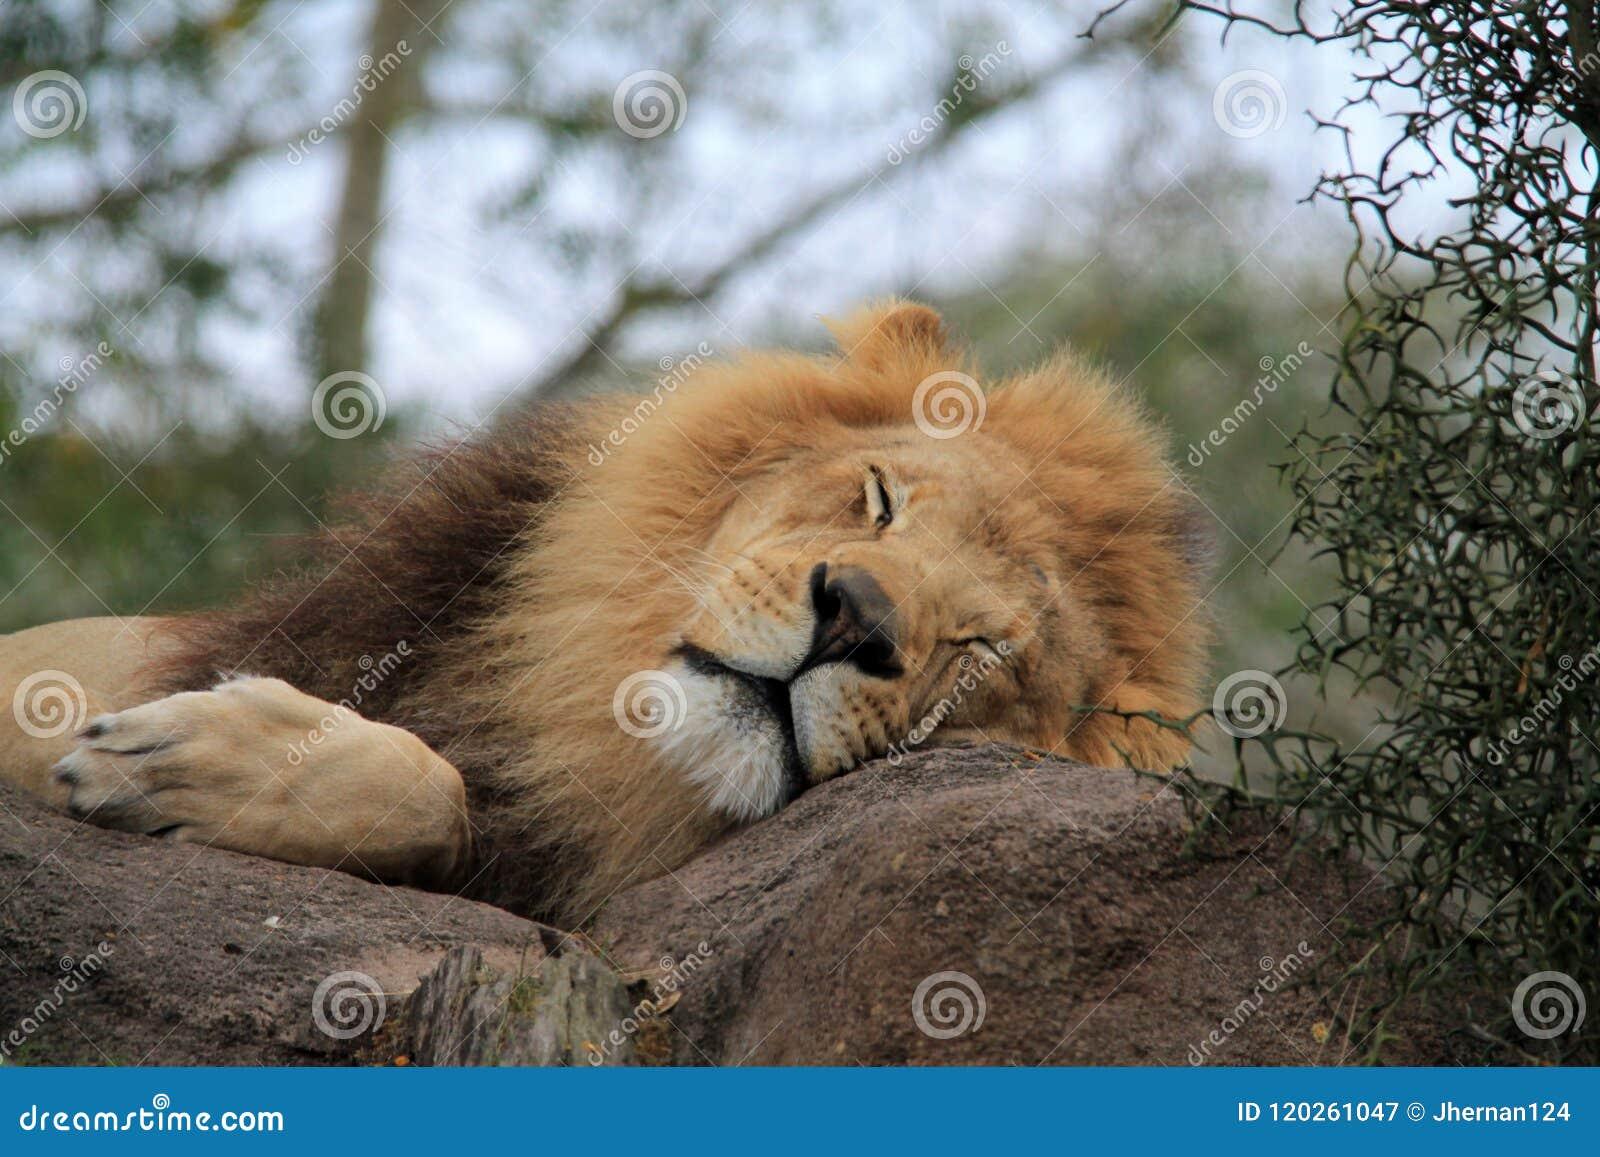 Cabeza dormida del león en roca en retrato del primer